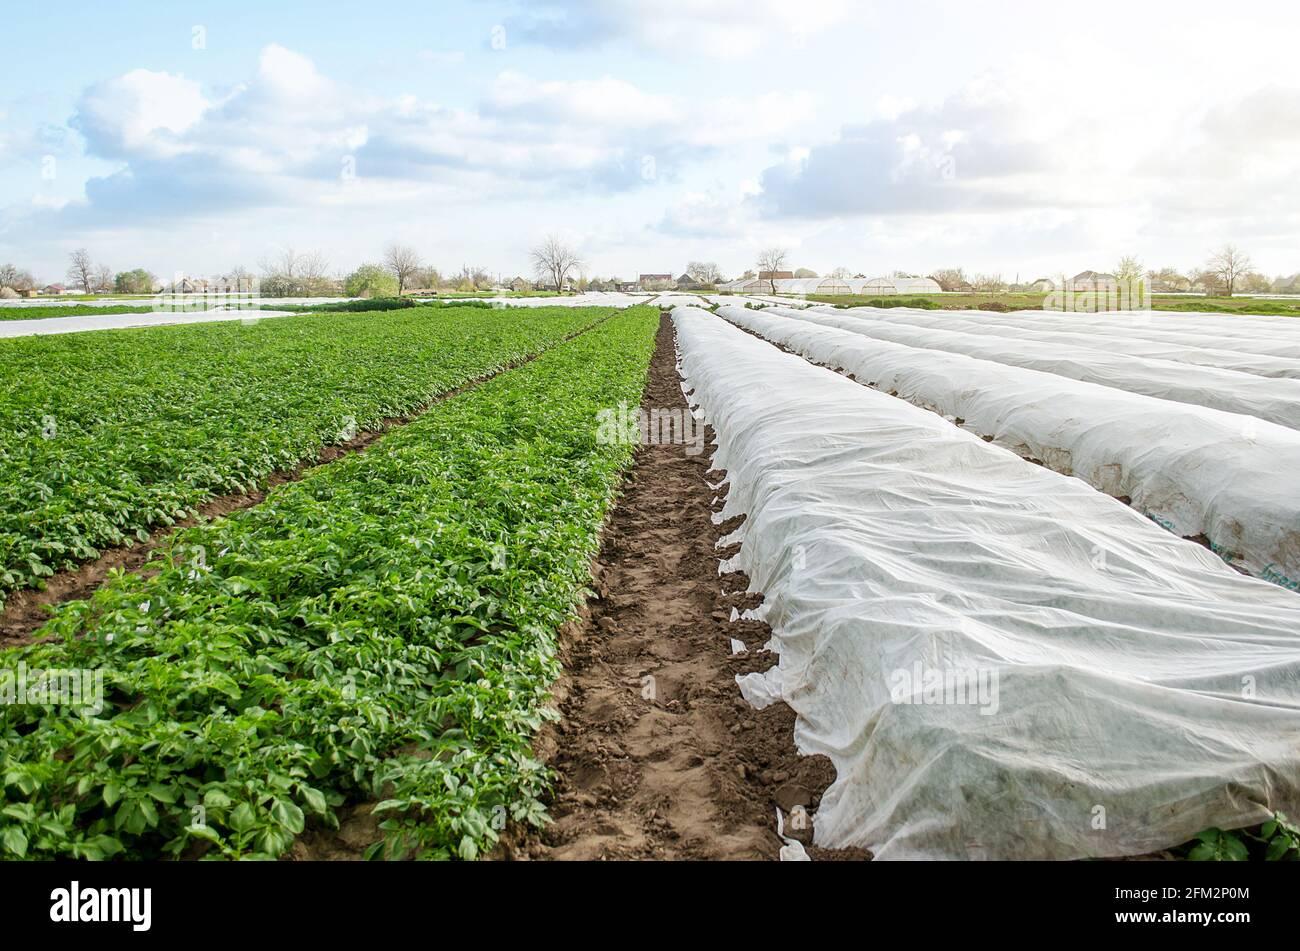 Plantación de papa bajo fibra agrícola y en campo abierto. Endurecimiento de plantas de matorrales de patata a finales de primavera. Crear un efecto invernadero para el coche Foto de stock